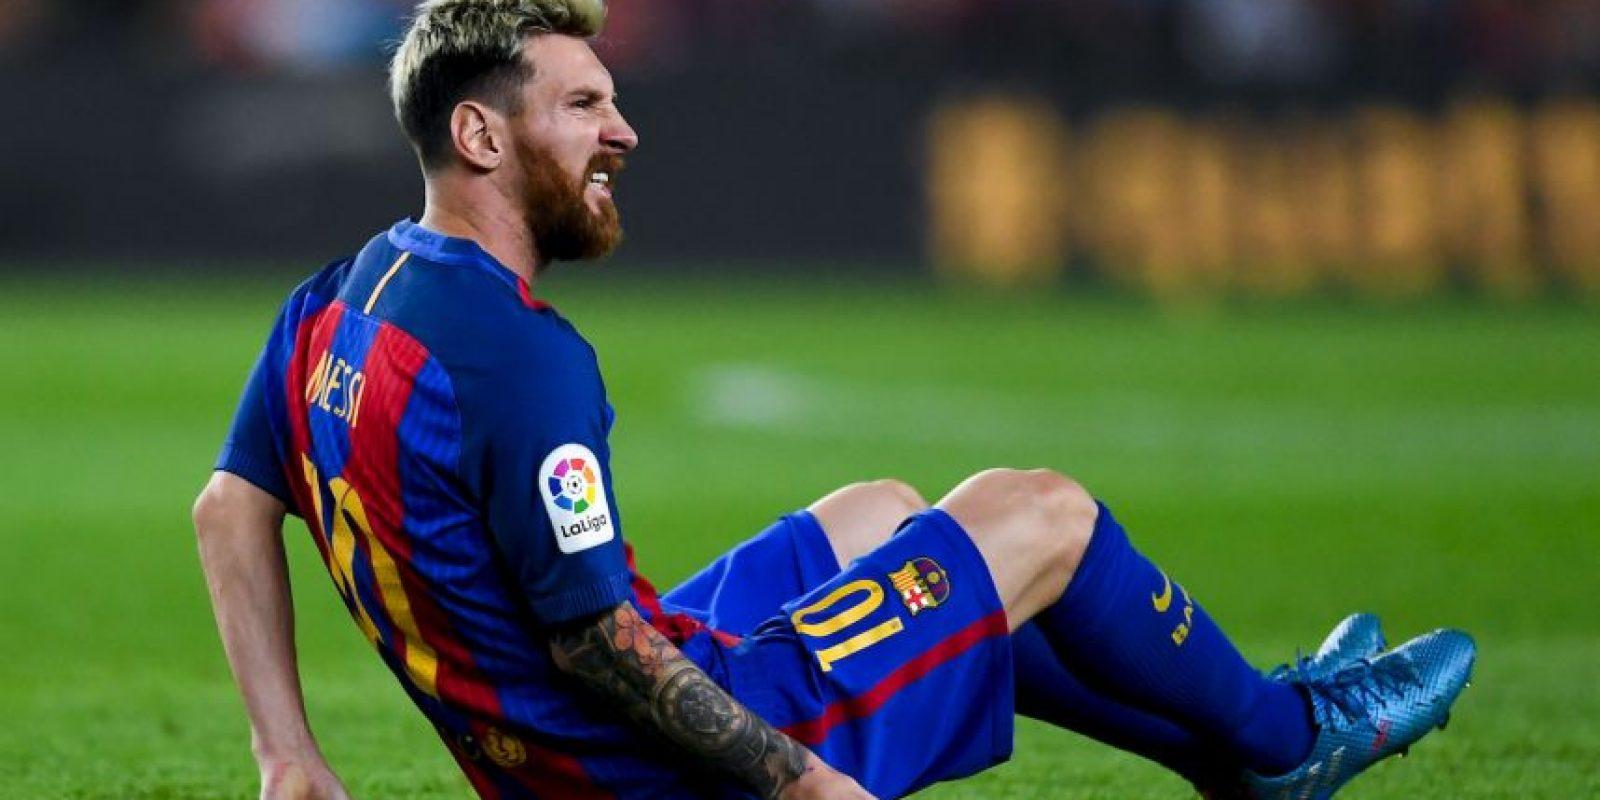 El argentino se lesionó en el partido ante Atlético de Madrid. Foto:Getty Images